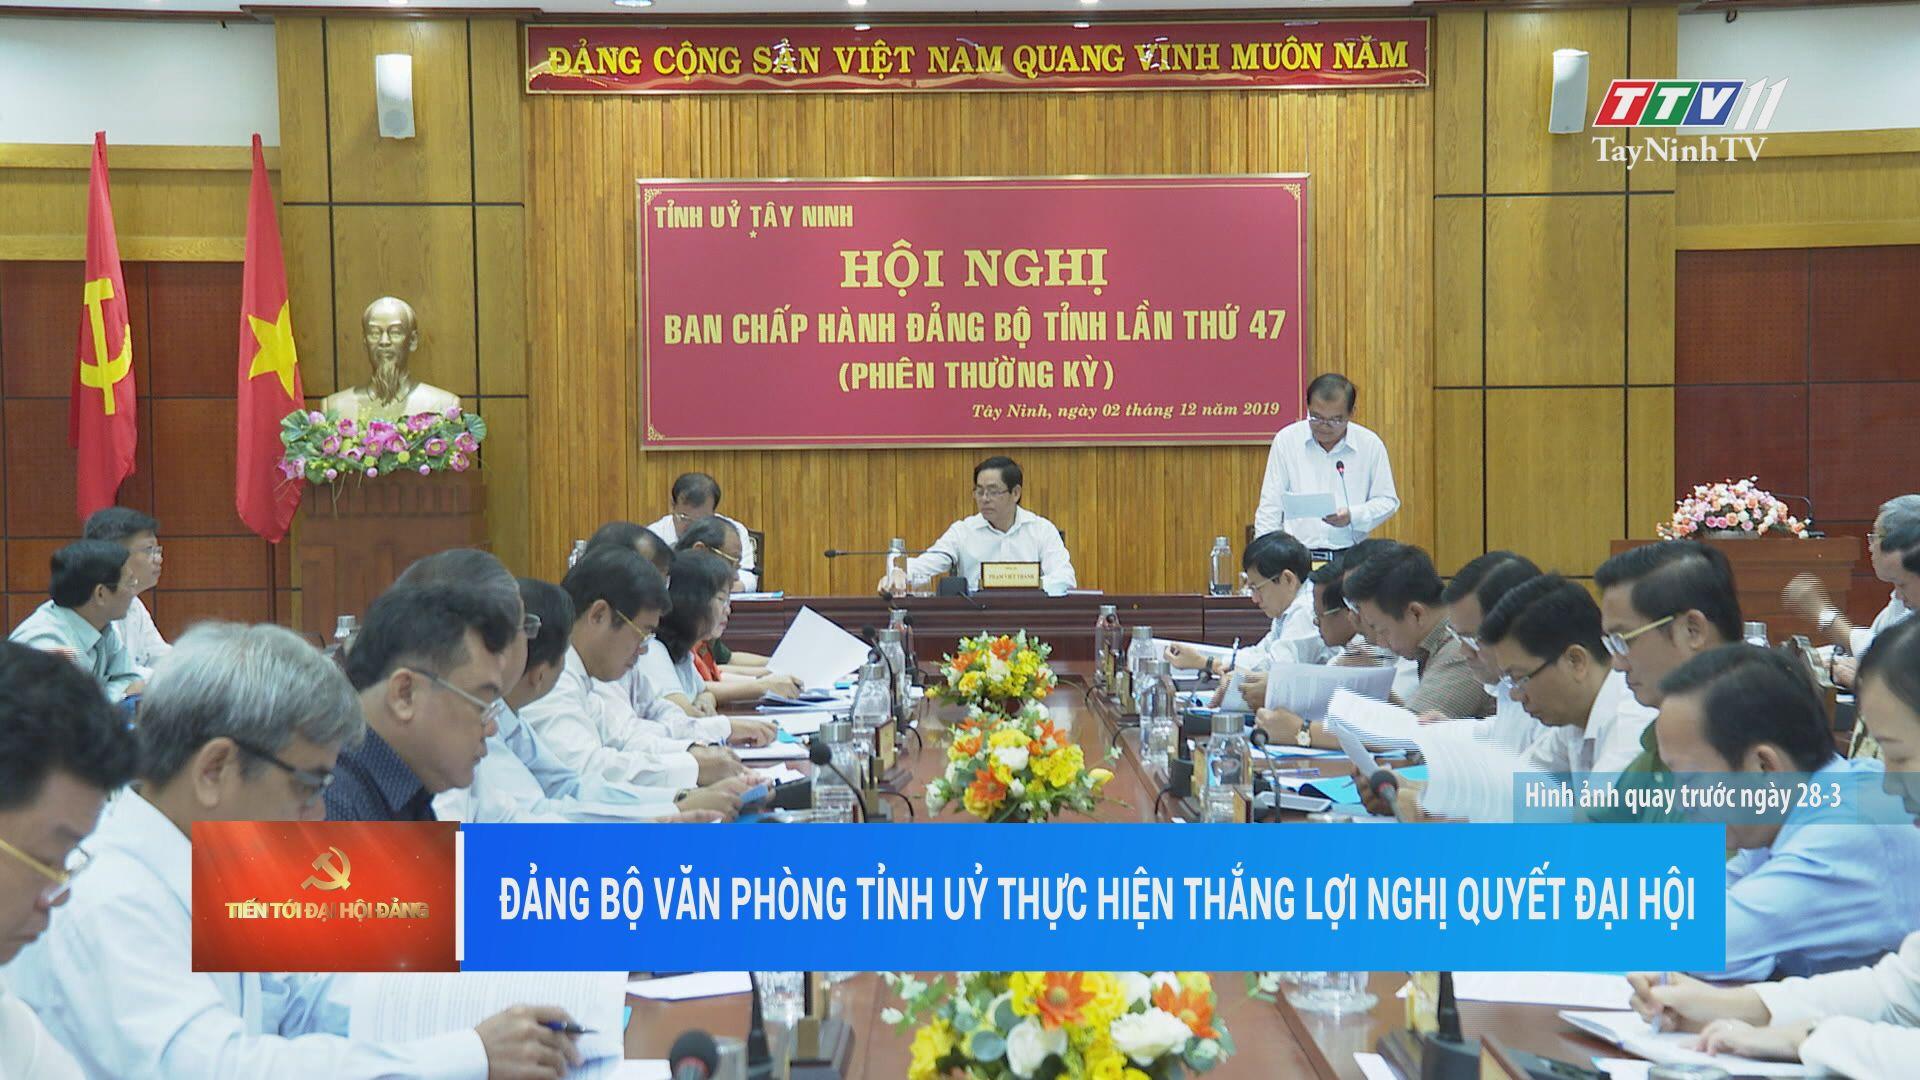 Đảng bộ Văn phòng Tỉnh ủy thực hiện thắng lợi Nghị quyết đại hội | TIẾN TỚI ĐẠI HỘI ĐẢNG | TayNinhTV